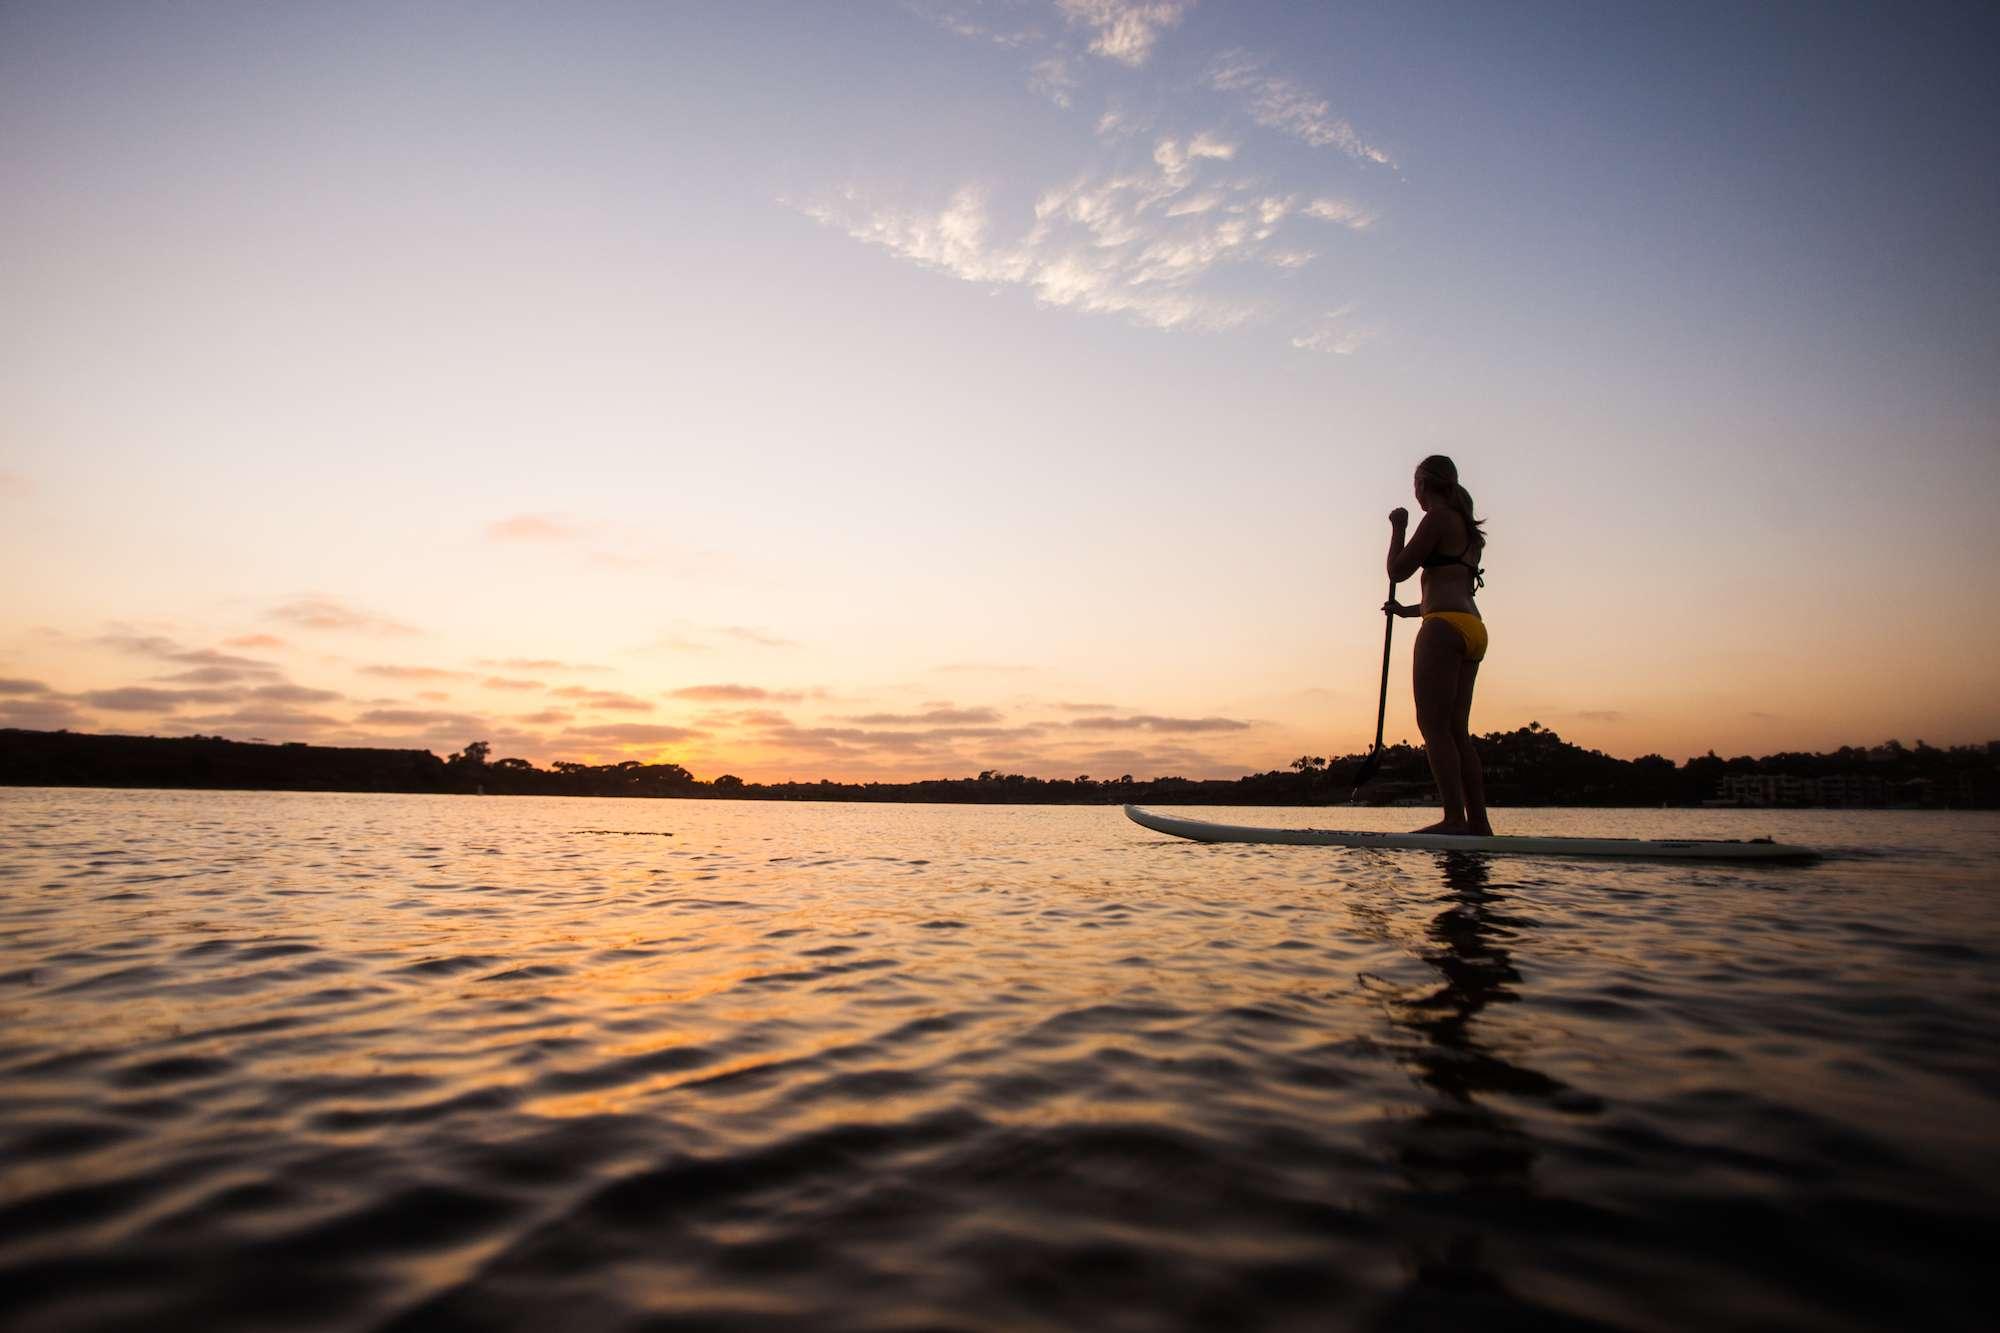 SUP at a lagoon in Carlsbad